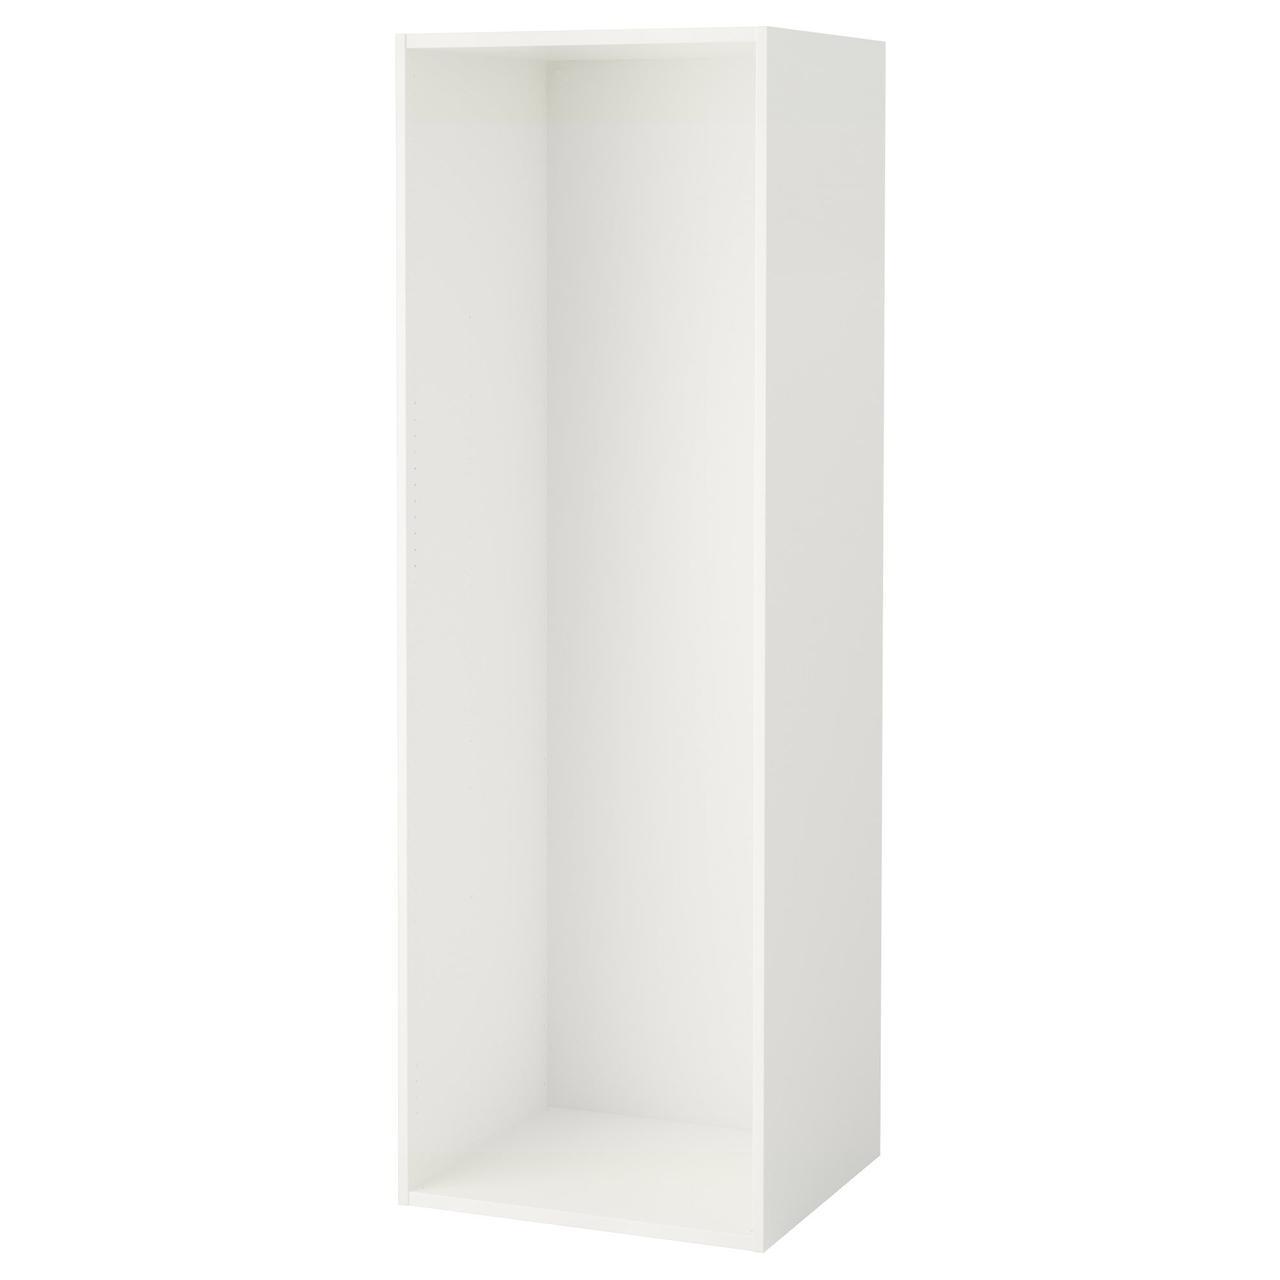 Корпус IKEA PLATSA белый 503.309.51